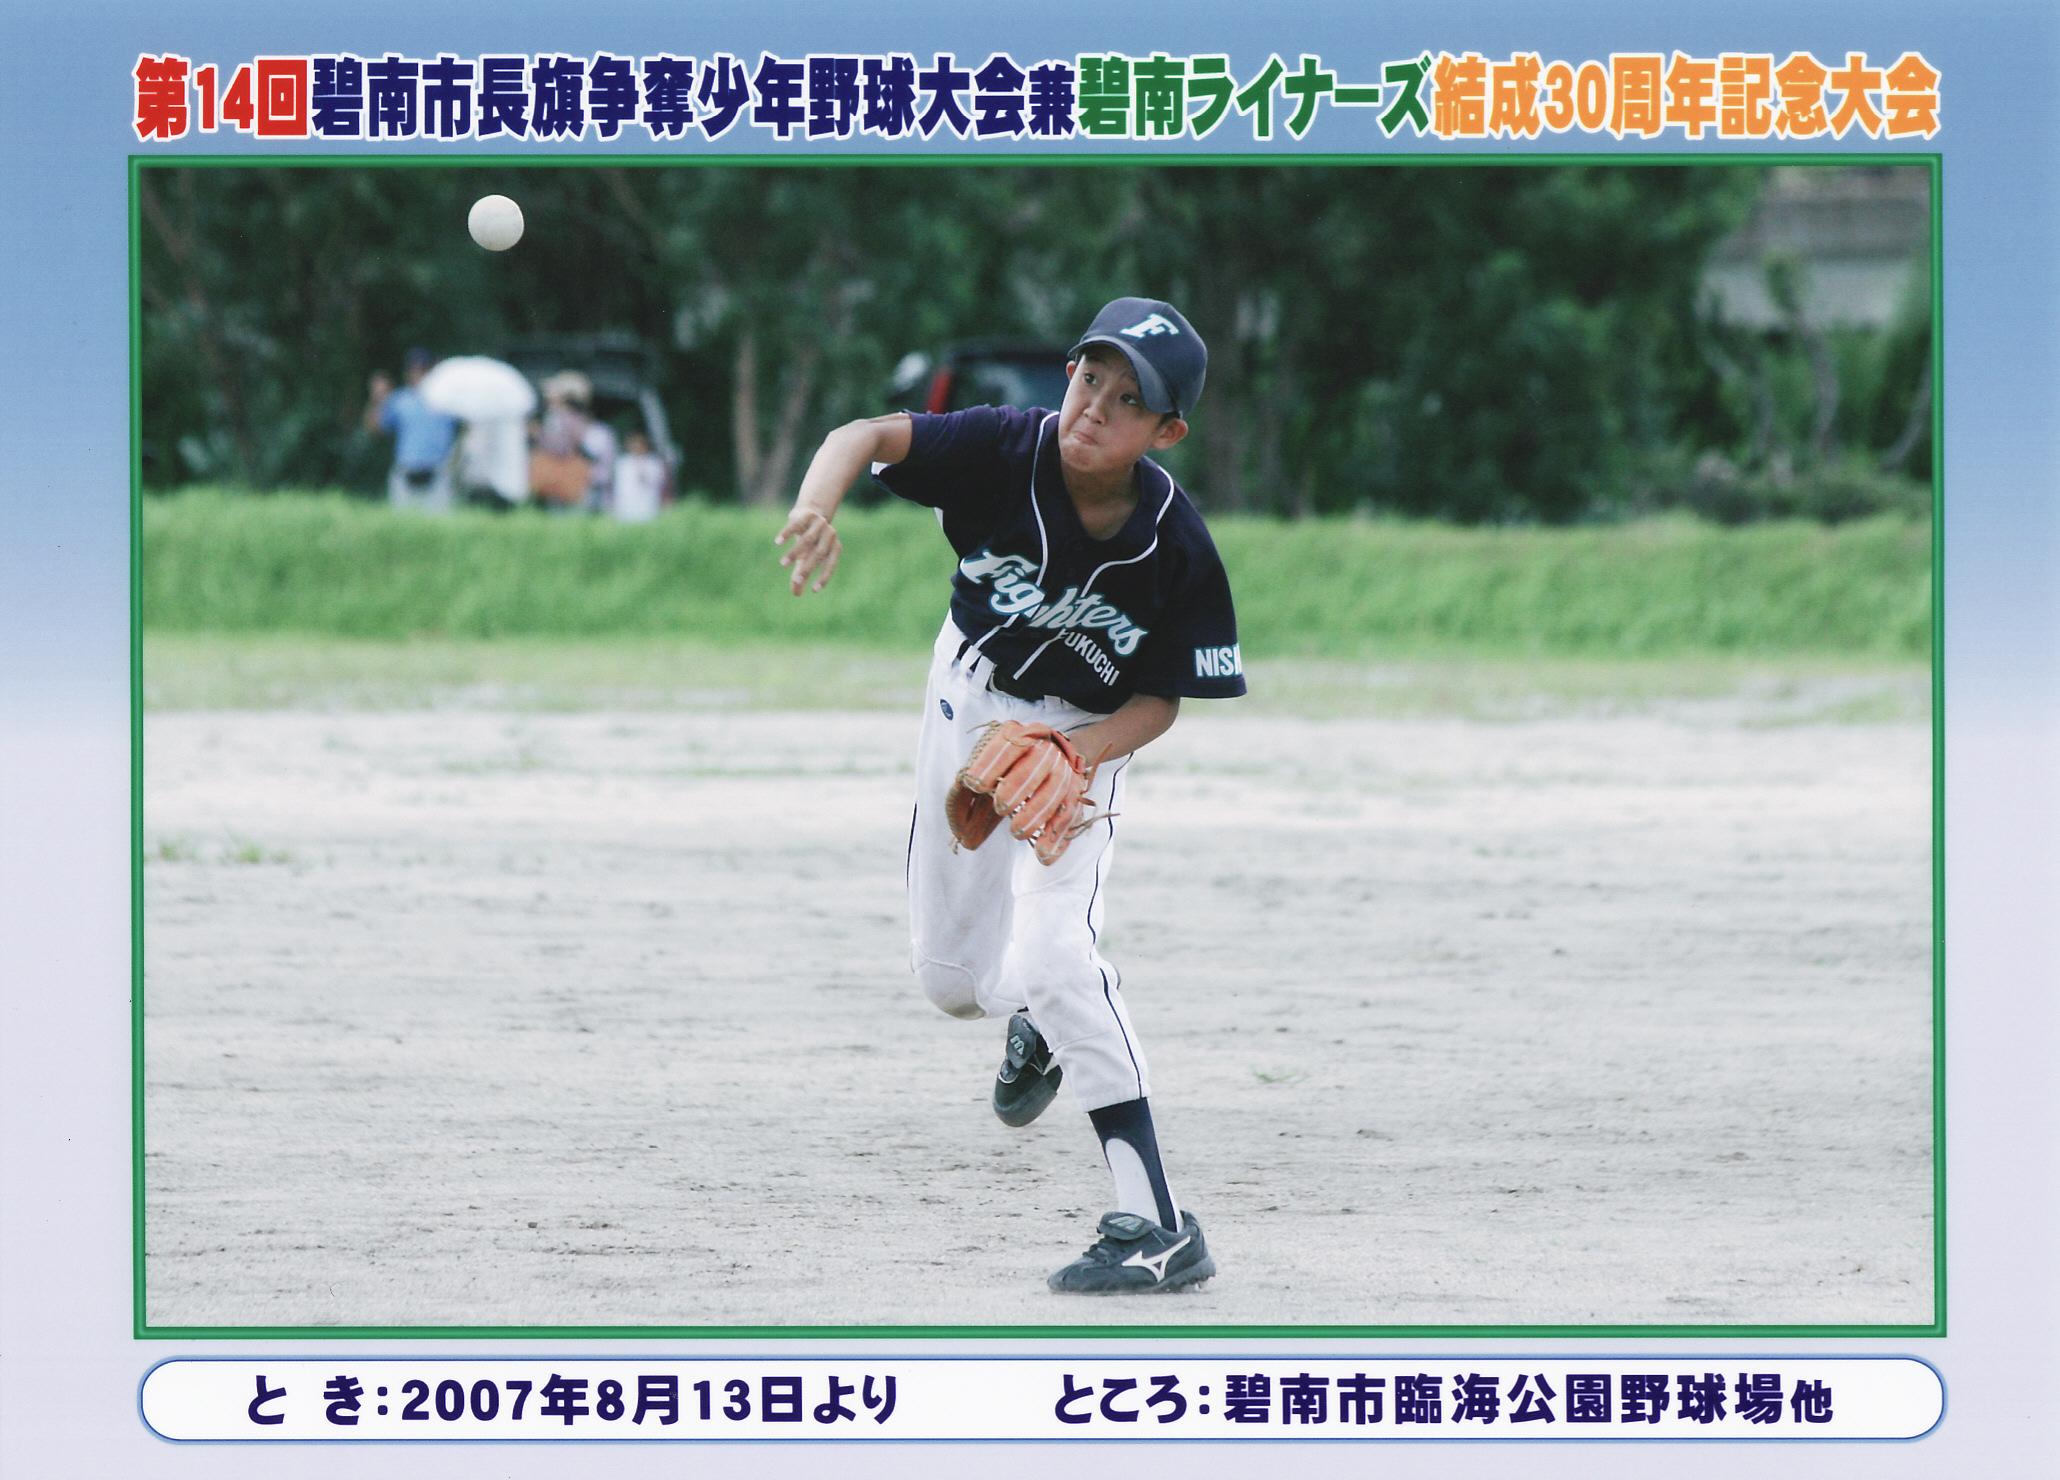 碧南市長期2007年8月_0048